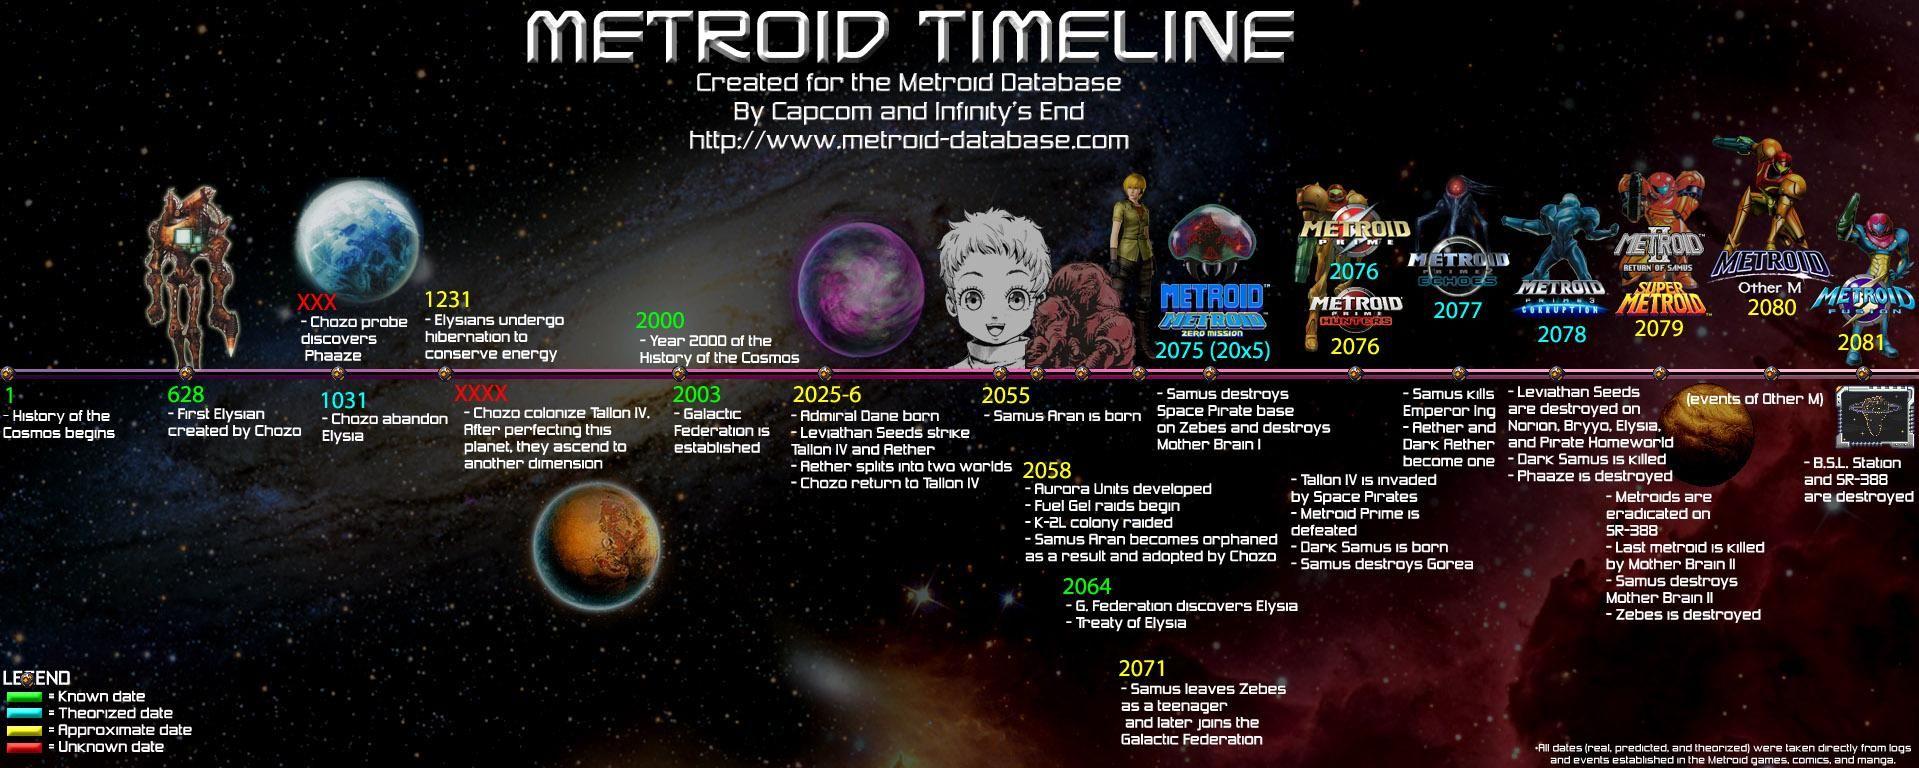 Metroid Timeline